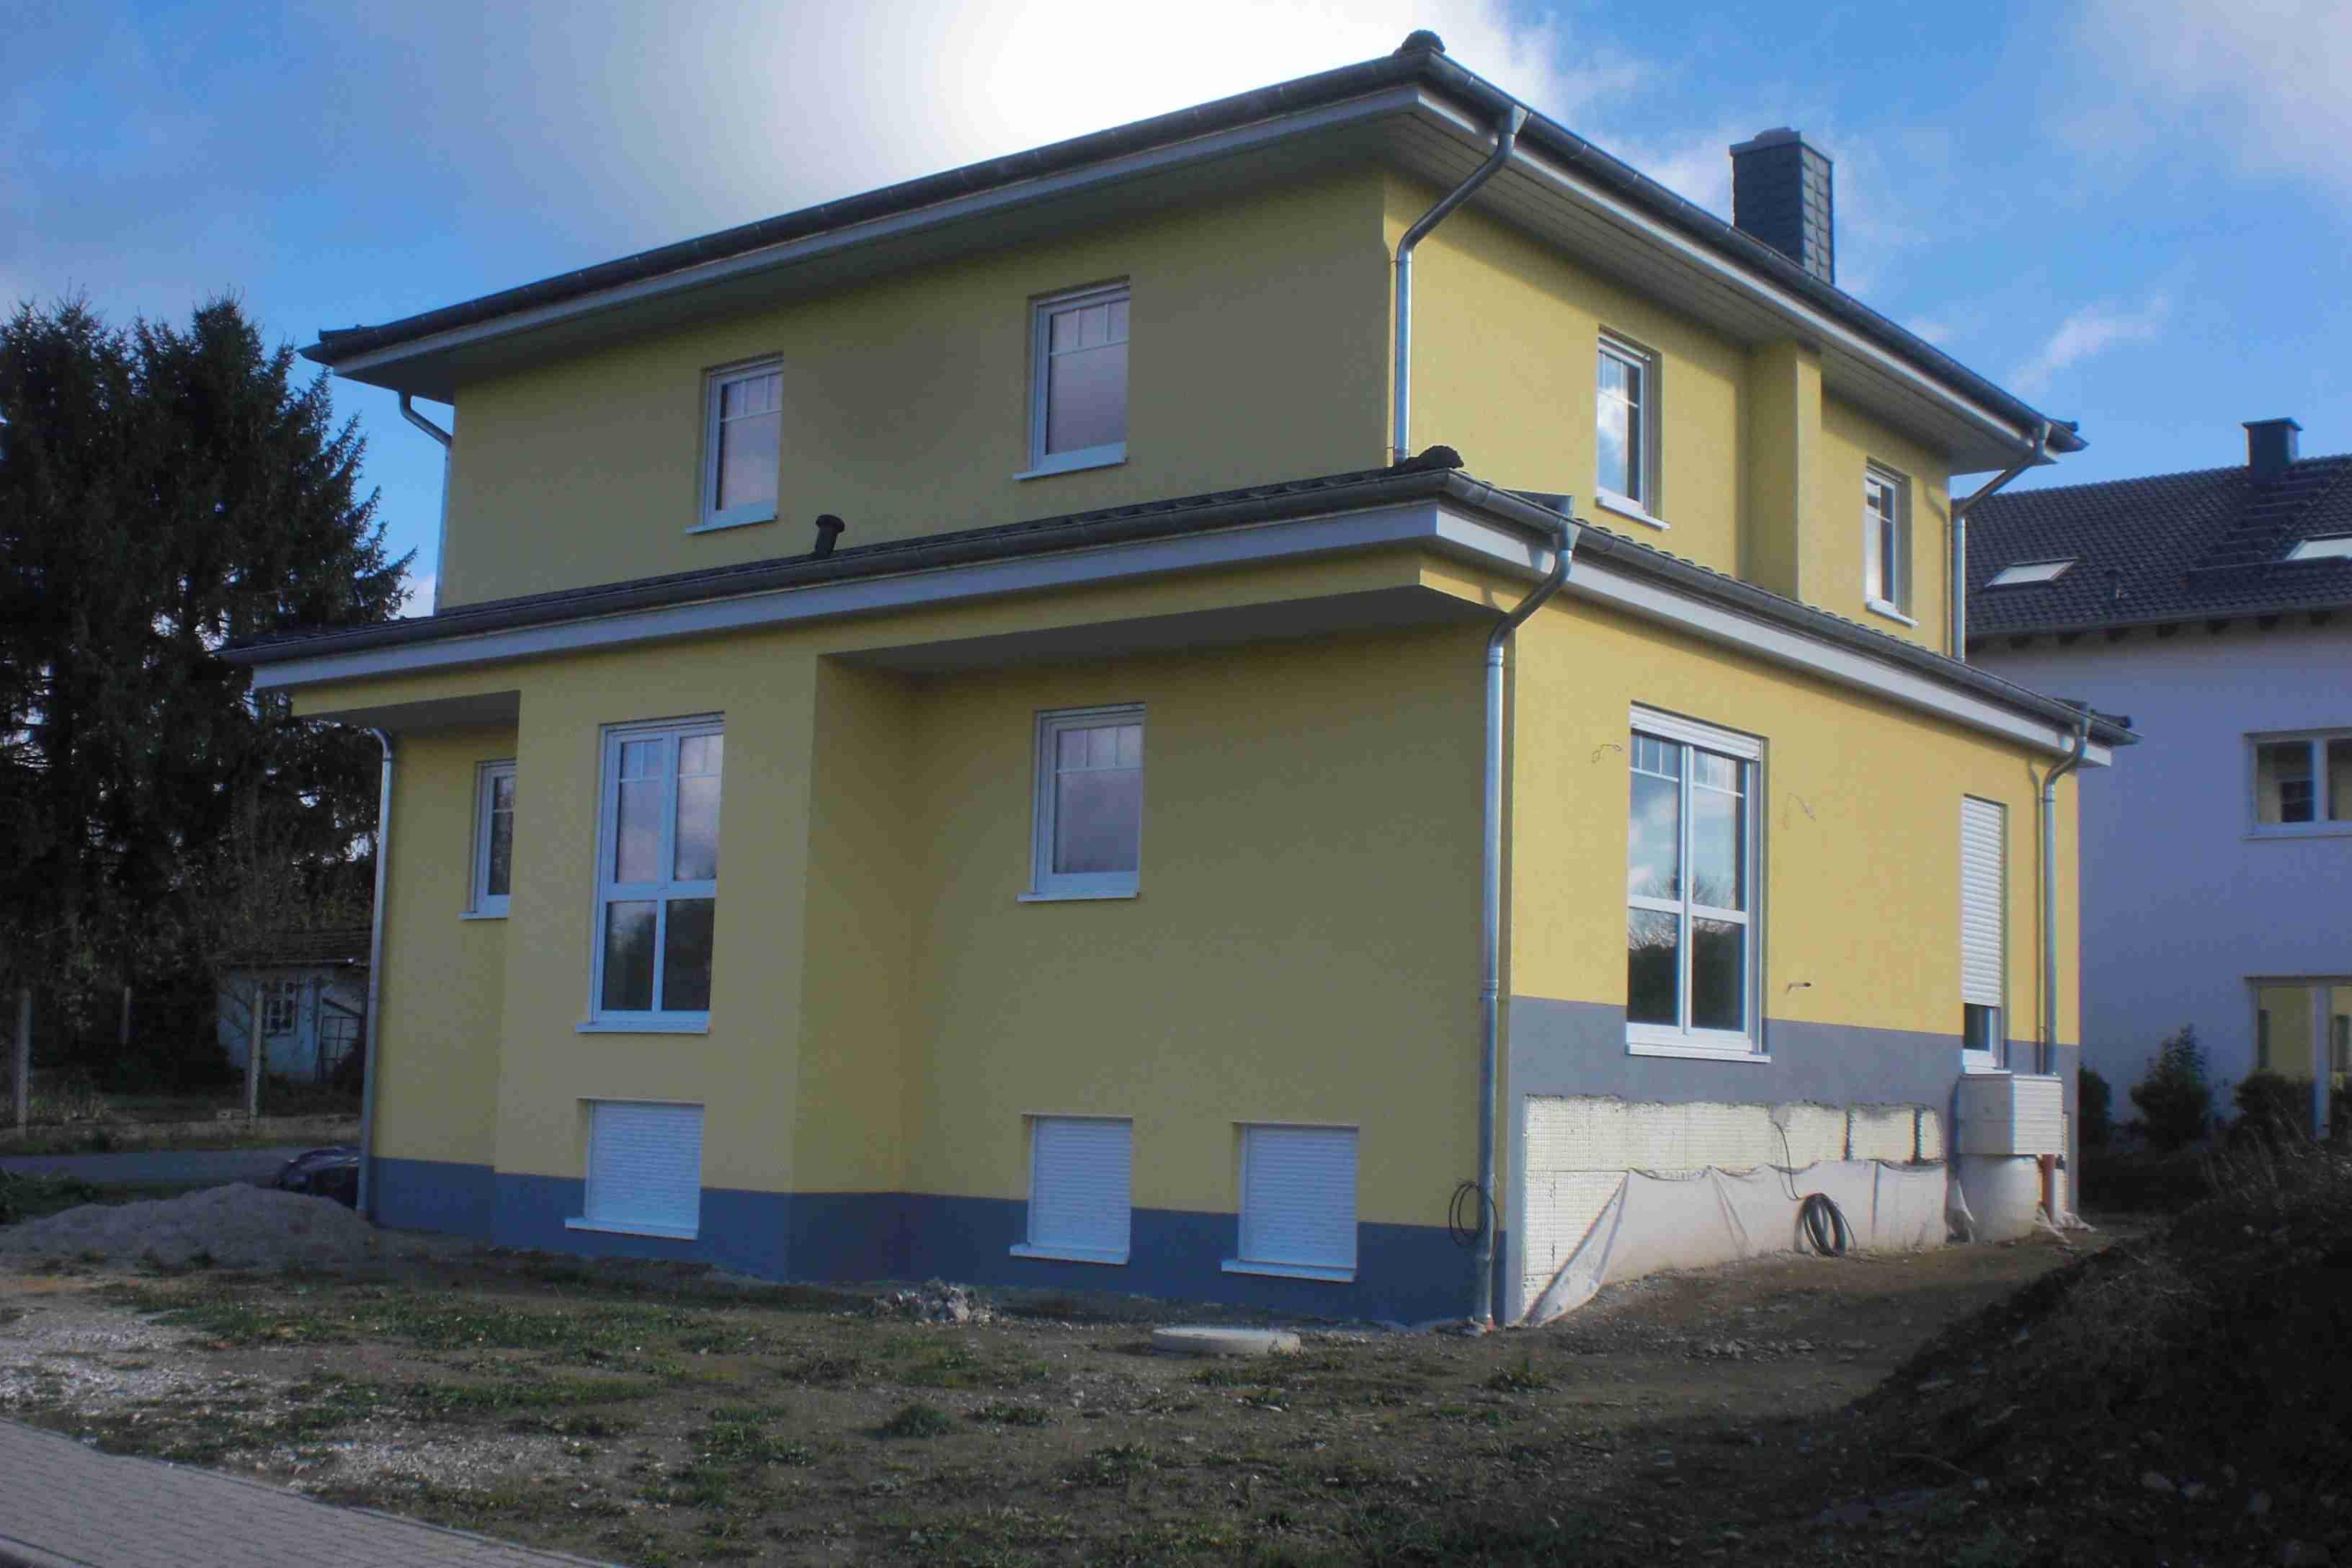 Wohnhaus in Westerfeld